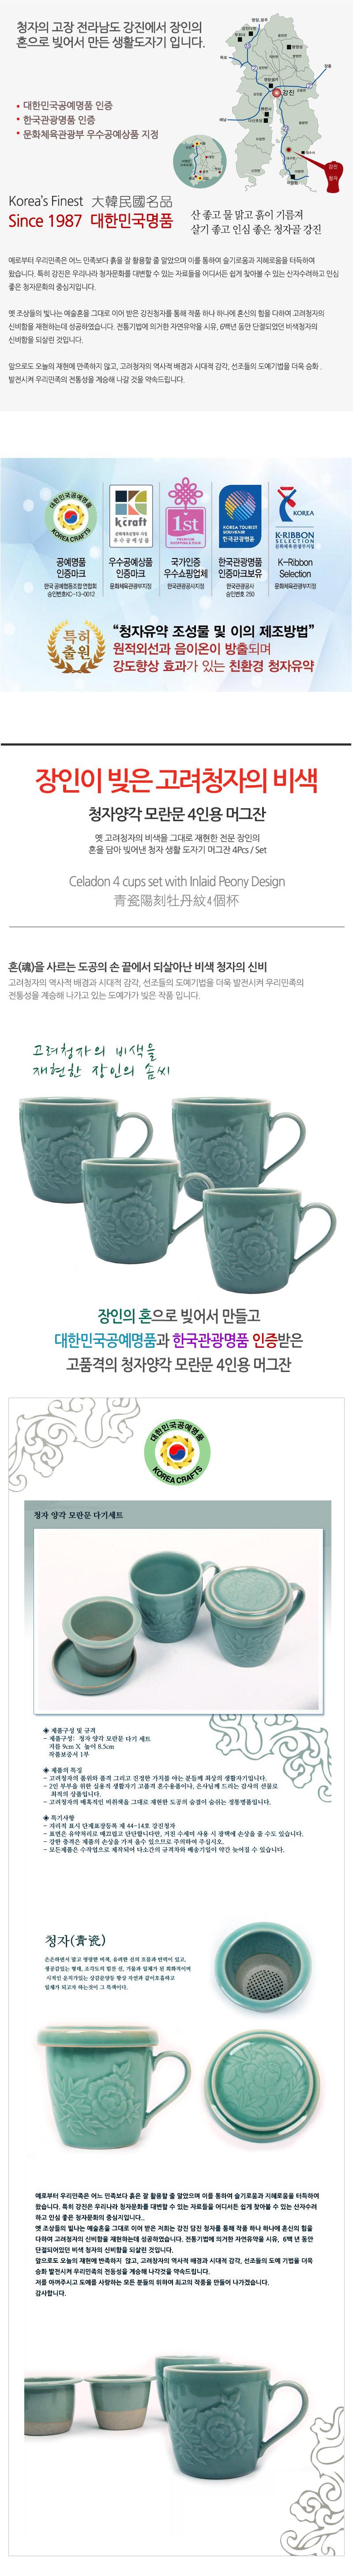 강진탐진청자 청자양각 모란문 손잡이 머그잔(4인용) 소개